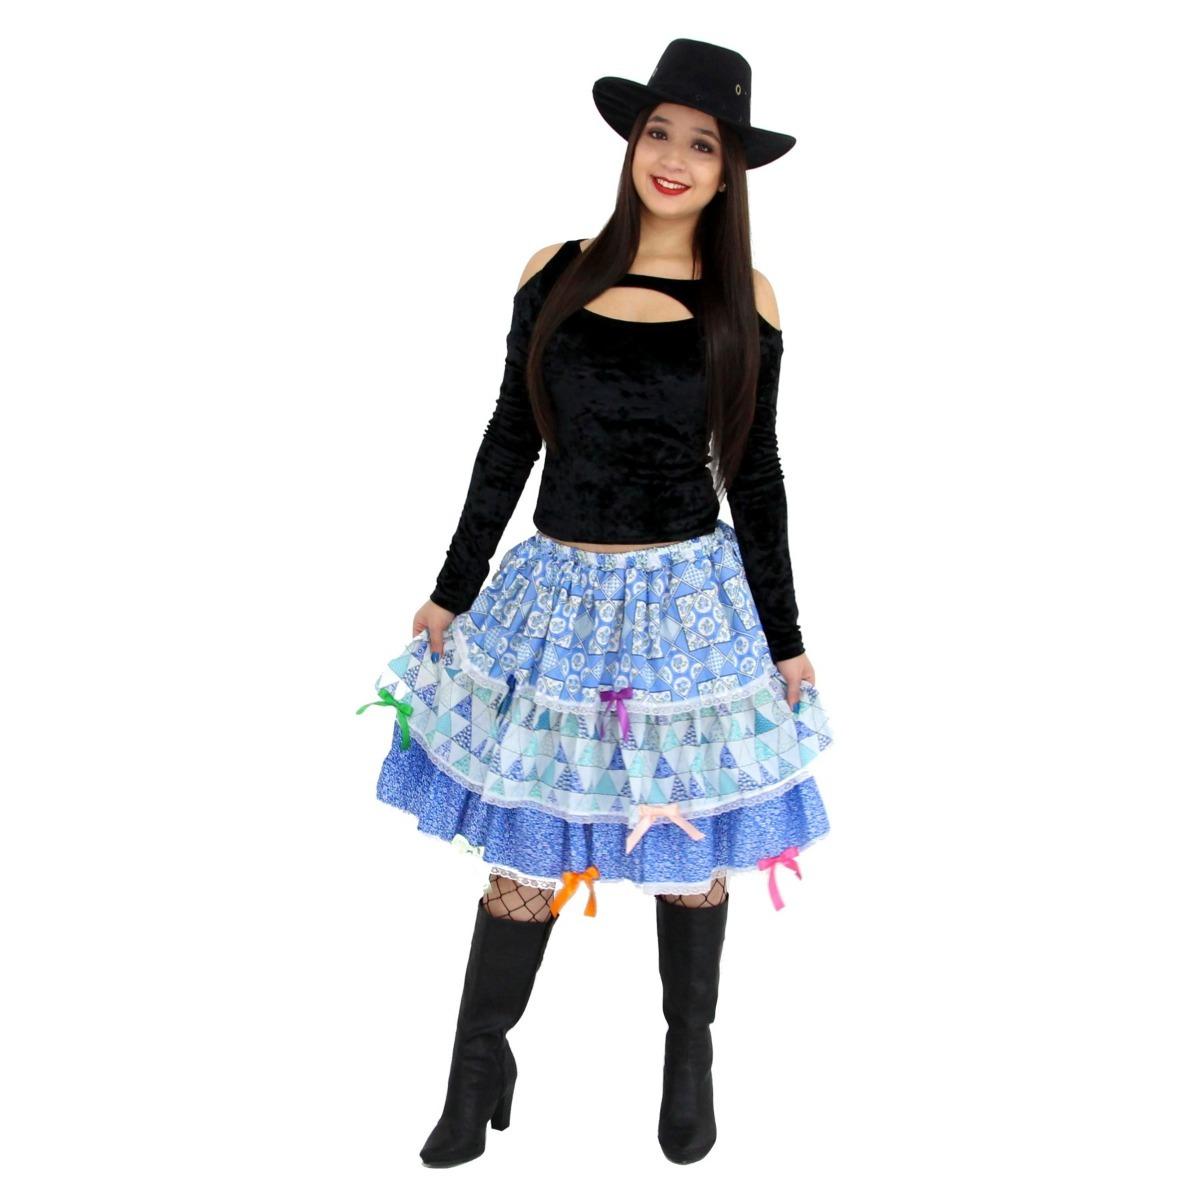 saia festa junina longa - caipira quadrilha - temos vestido. Carregando  zoom. 4106b22909f